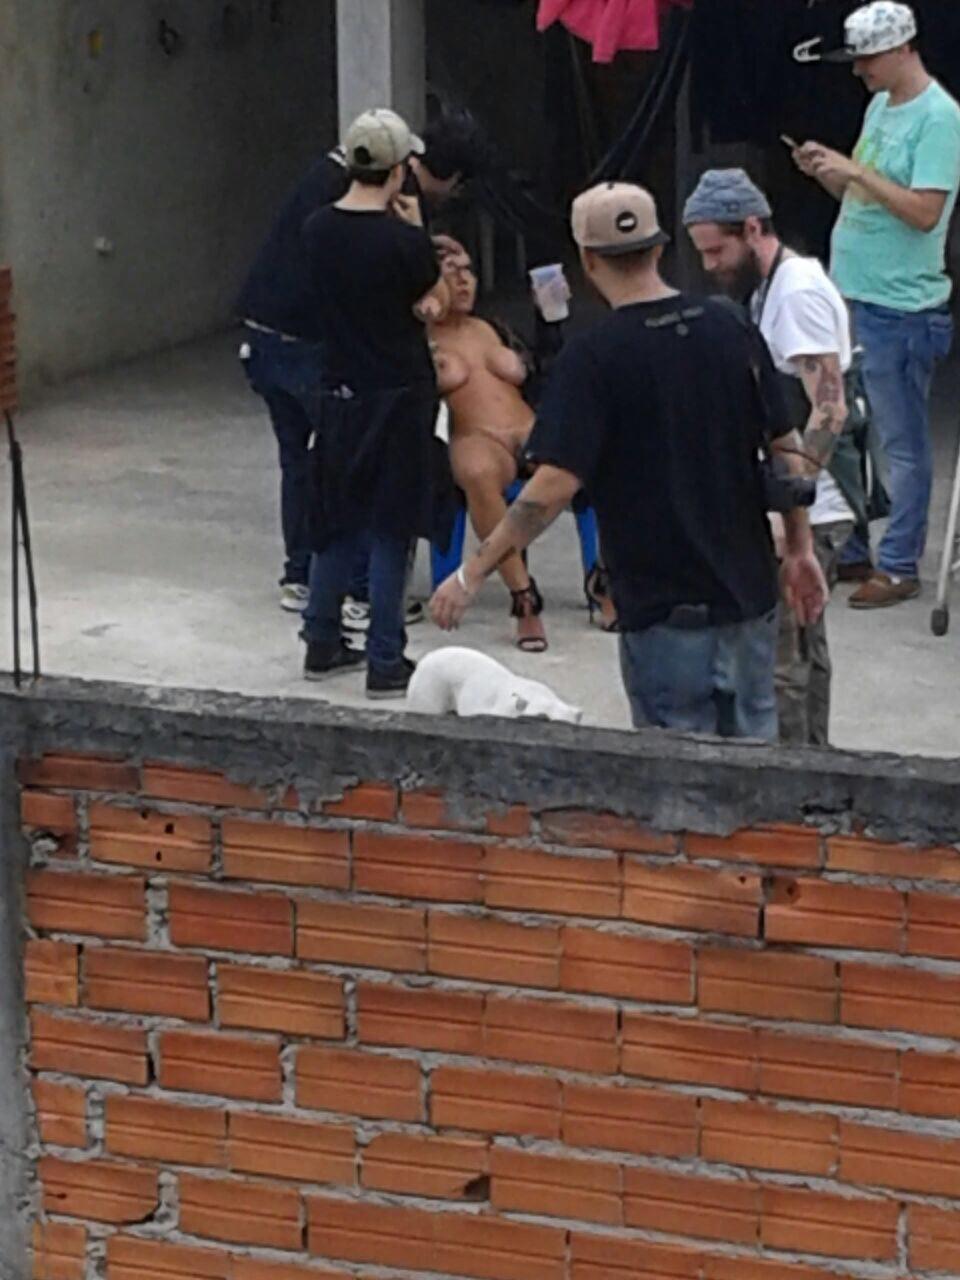 Fotos Mulher Melao na favela Heliopolis - Caiu no WhatsApp Bastidores da Sexy (7)